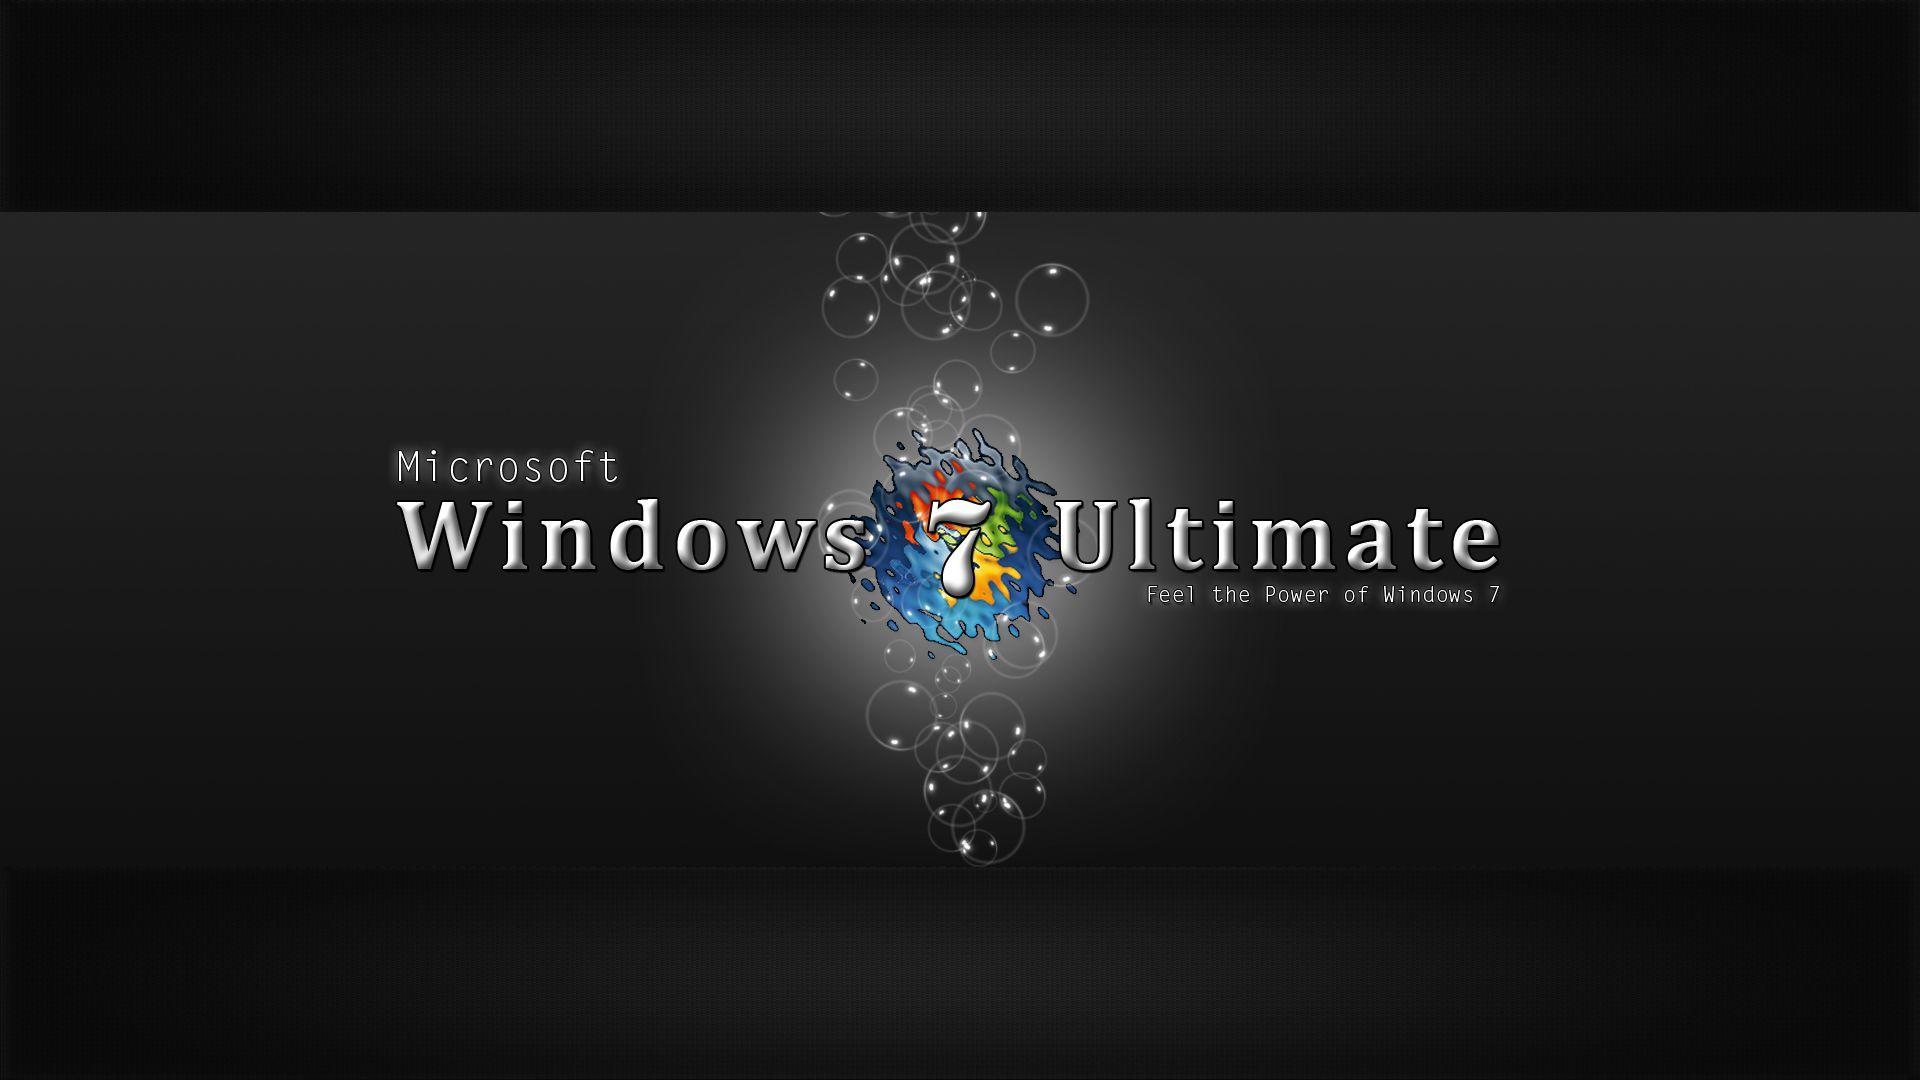 Desktop Backgrounds For Windows 7 4k Backgrounds Desktop 3d Desktop Wallpaper Windows Wallpaper